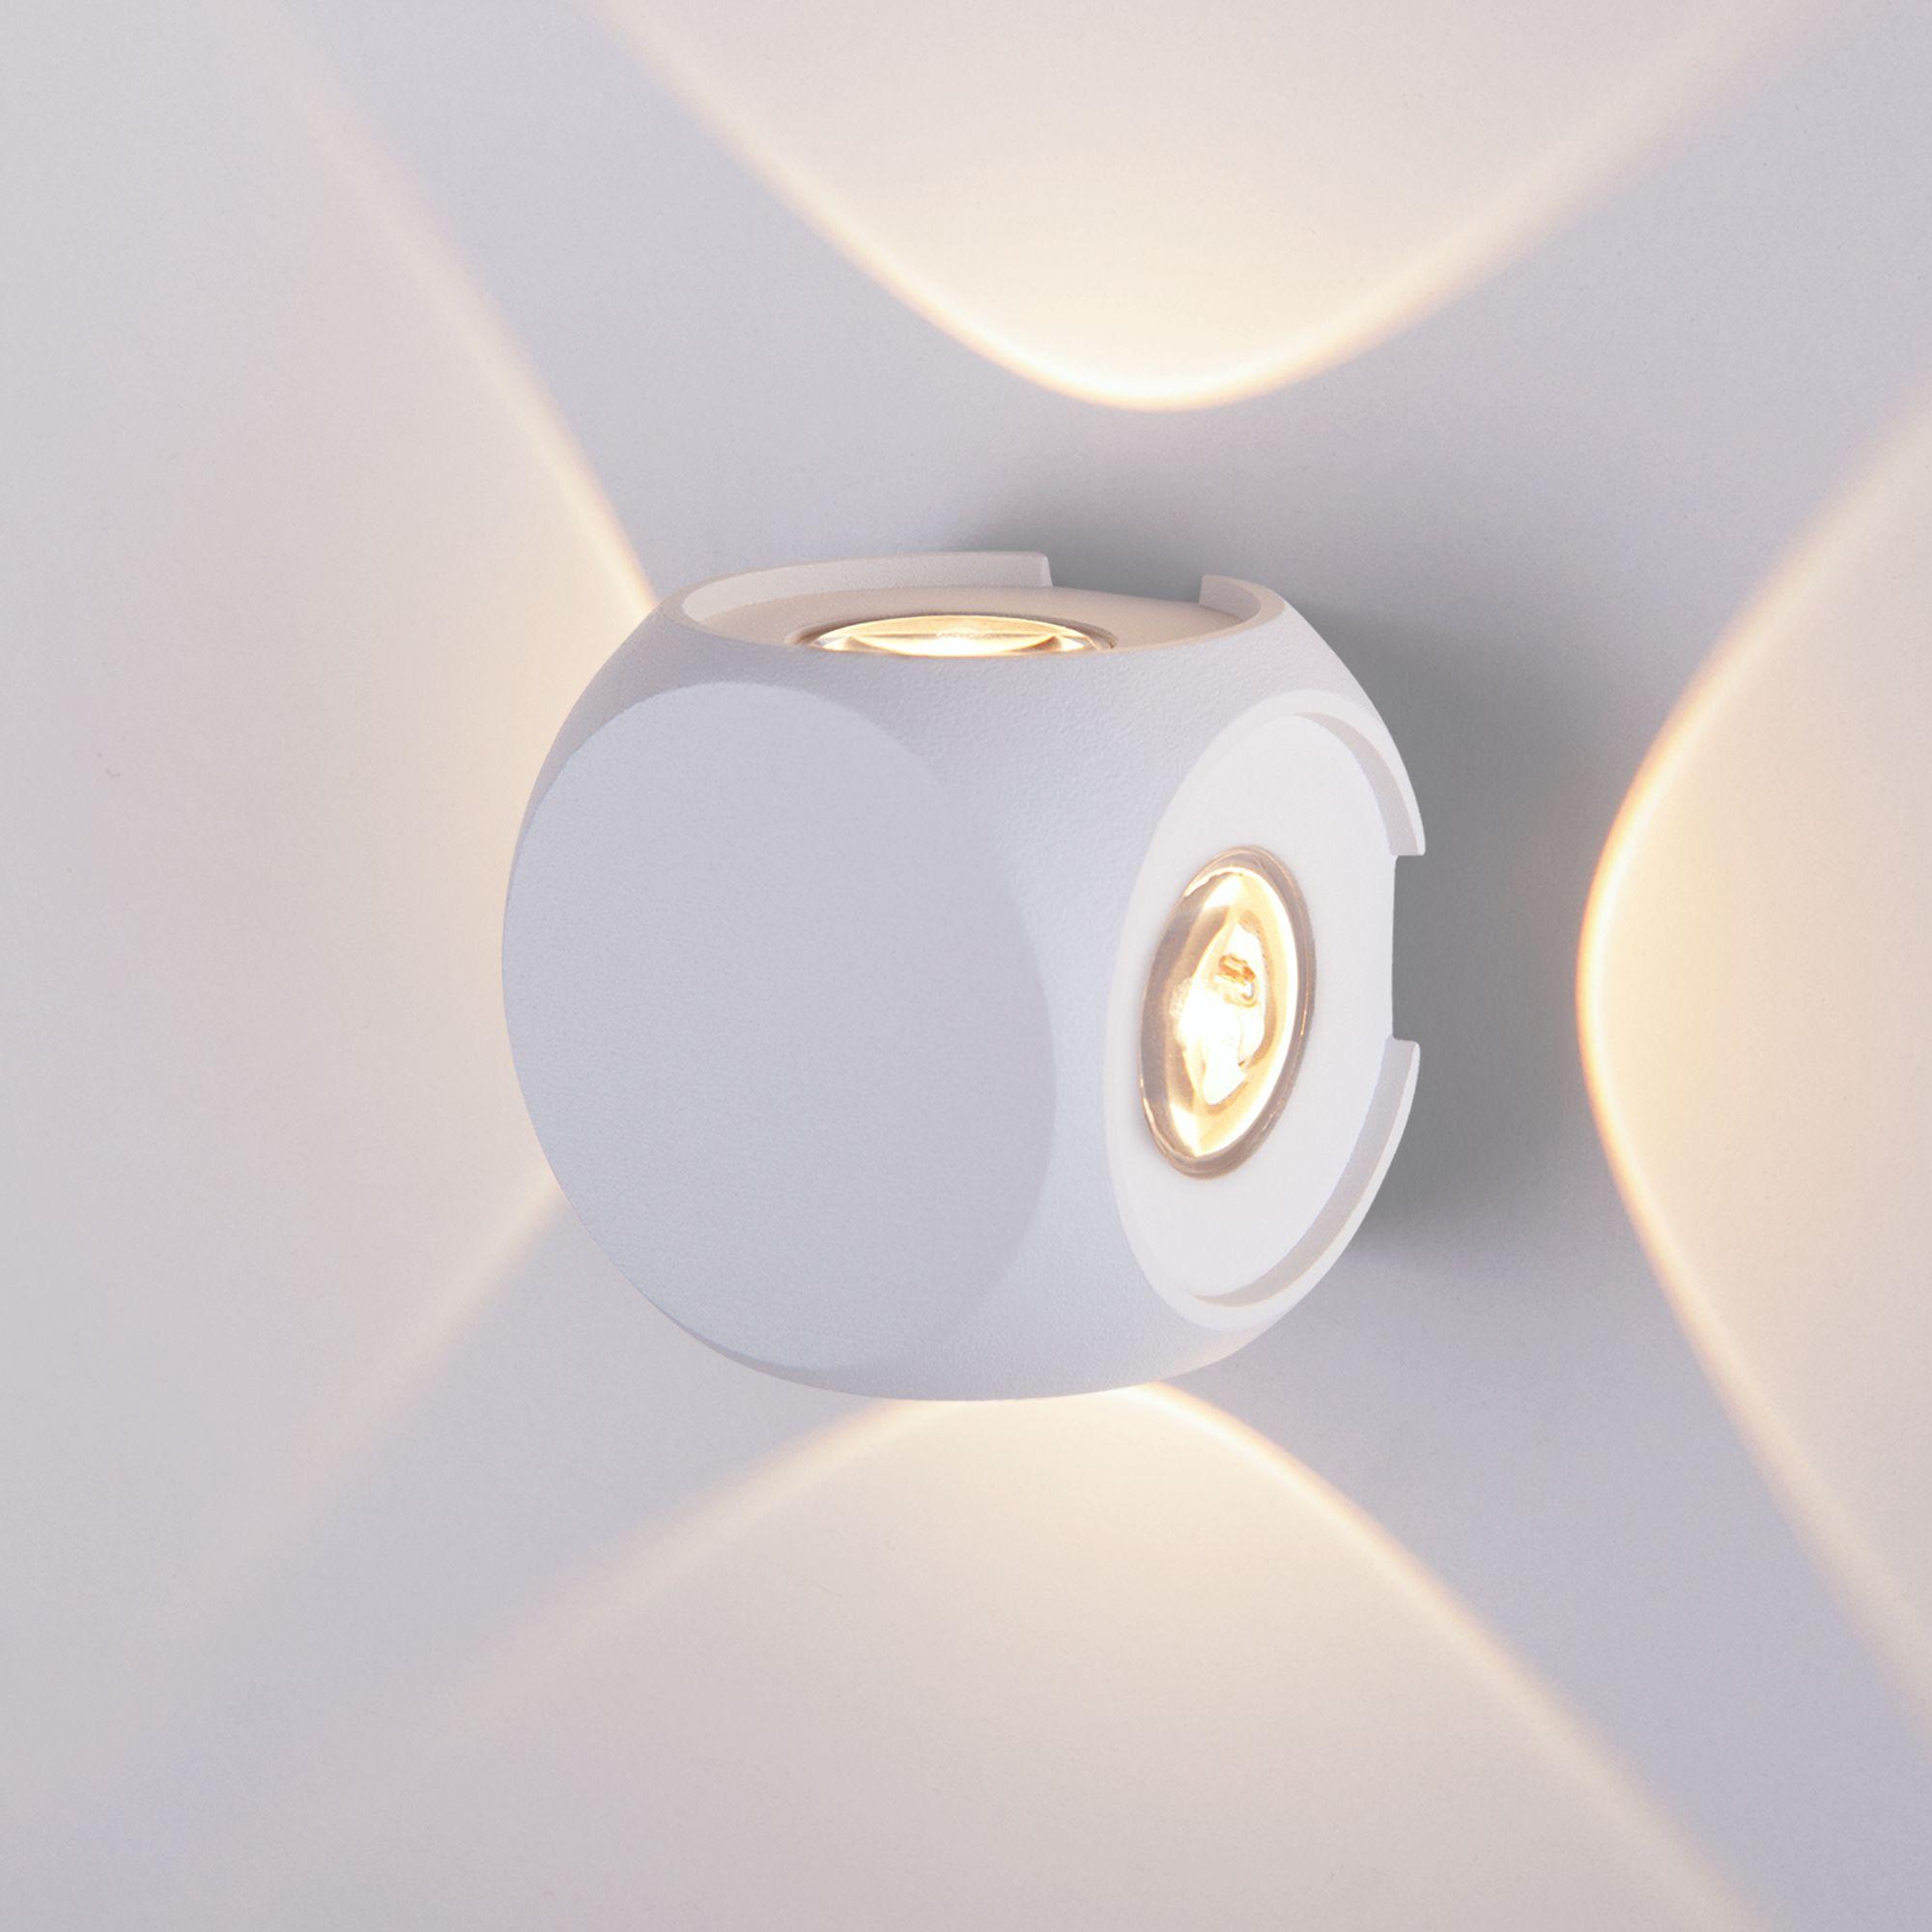 Уличный настенный светодиодный светильник CUBE 1504 TECHNO LED белый